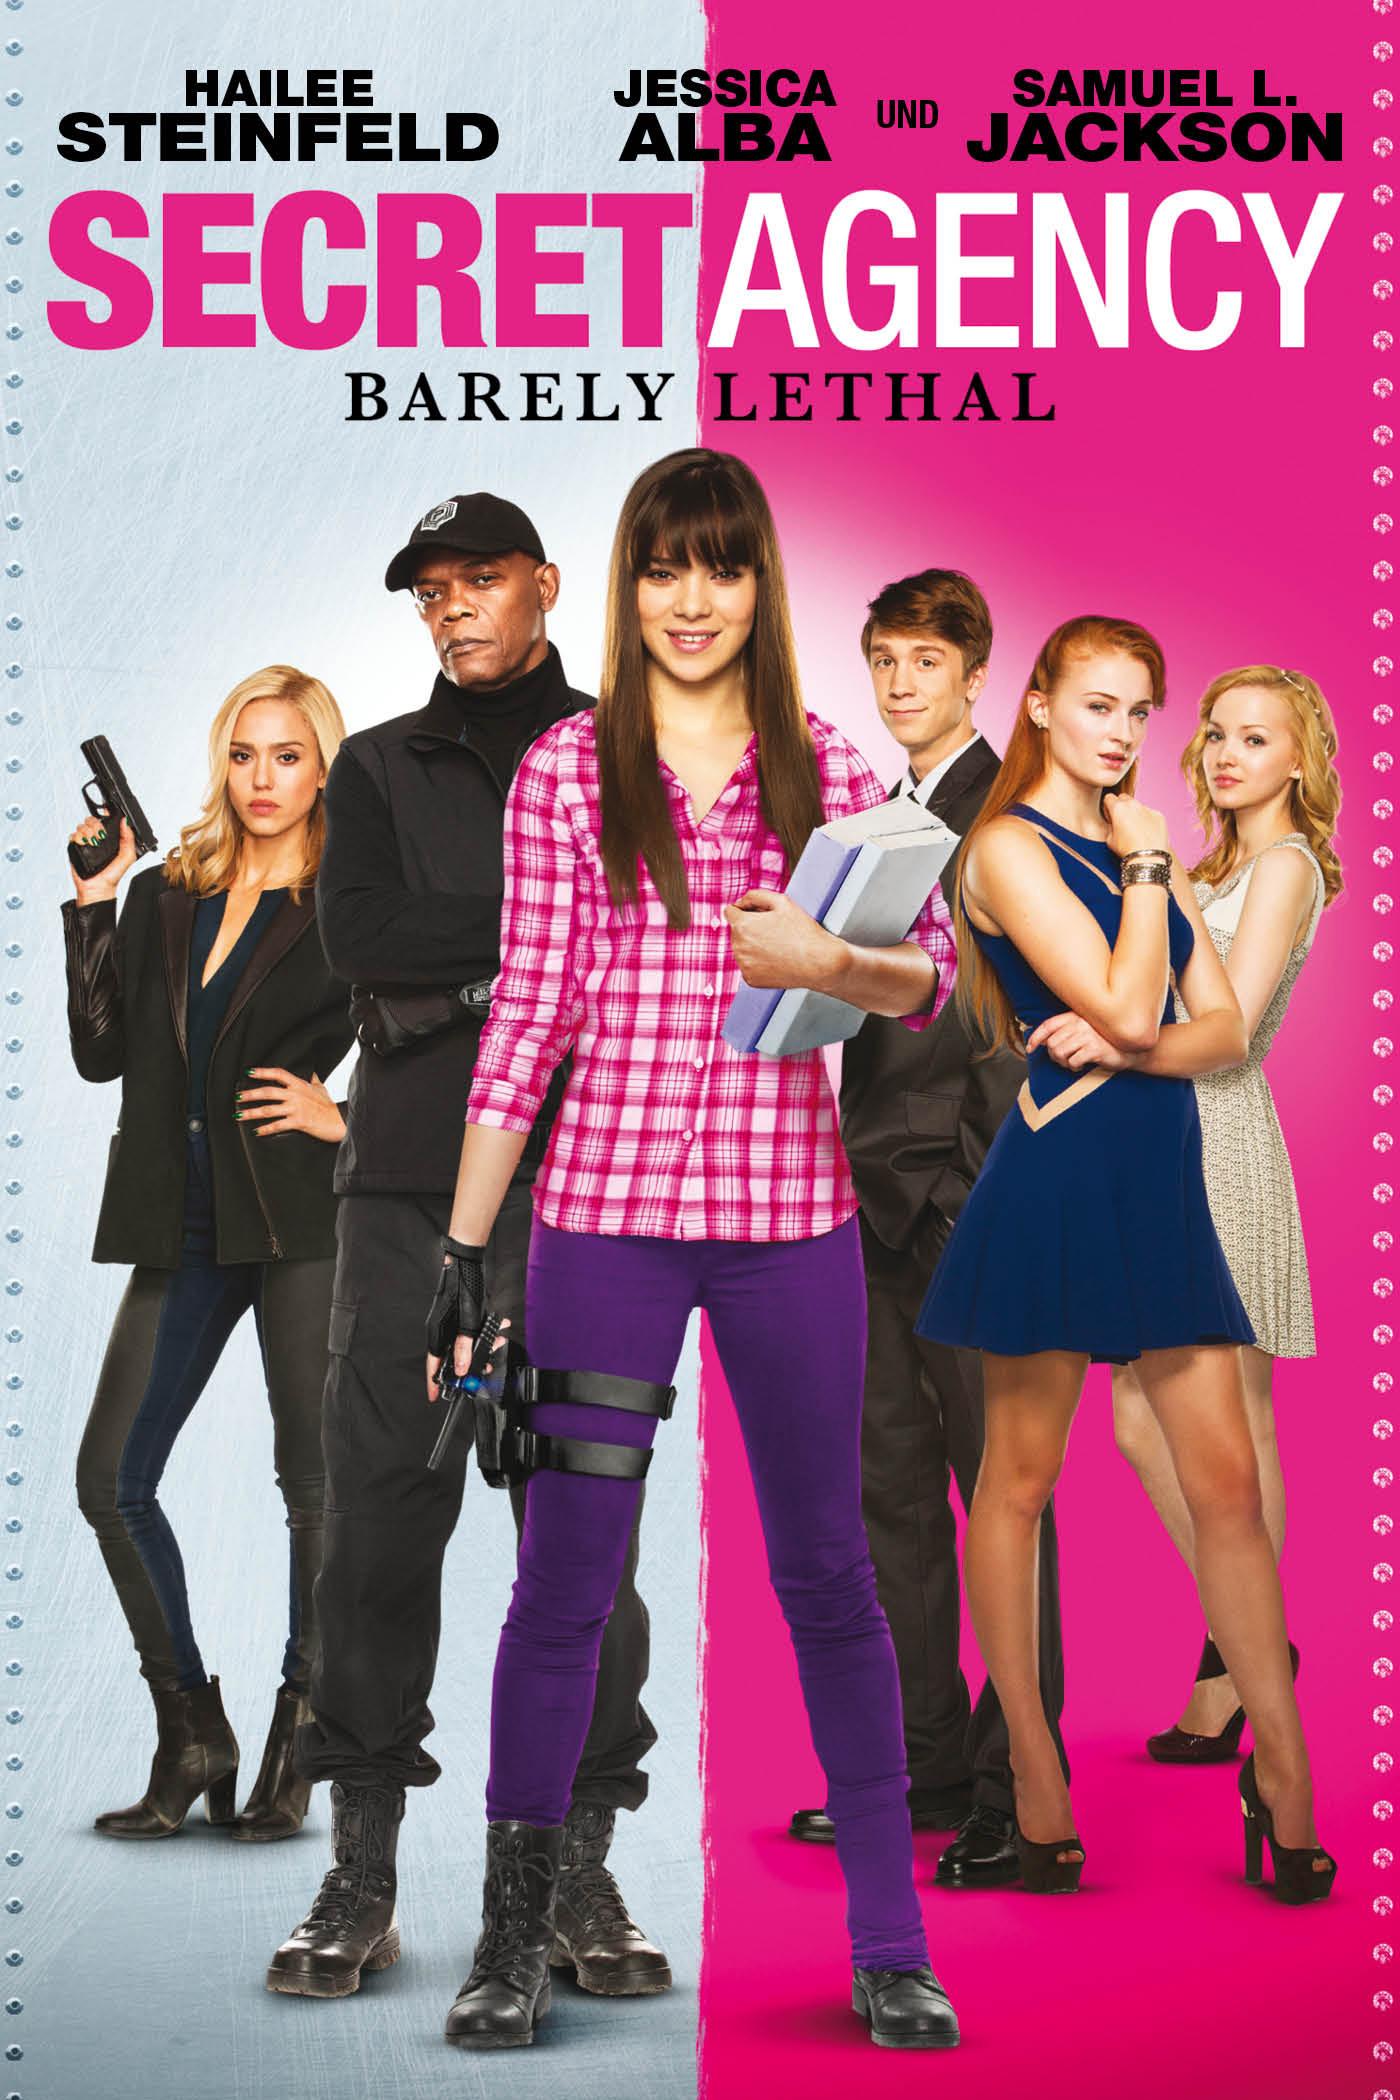 Secret Agency: Barely Lethal